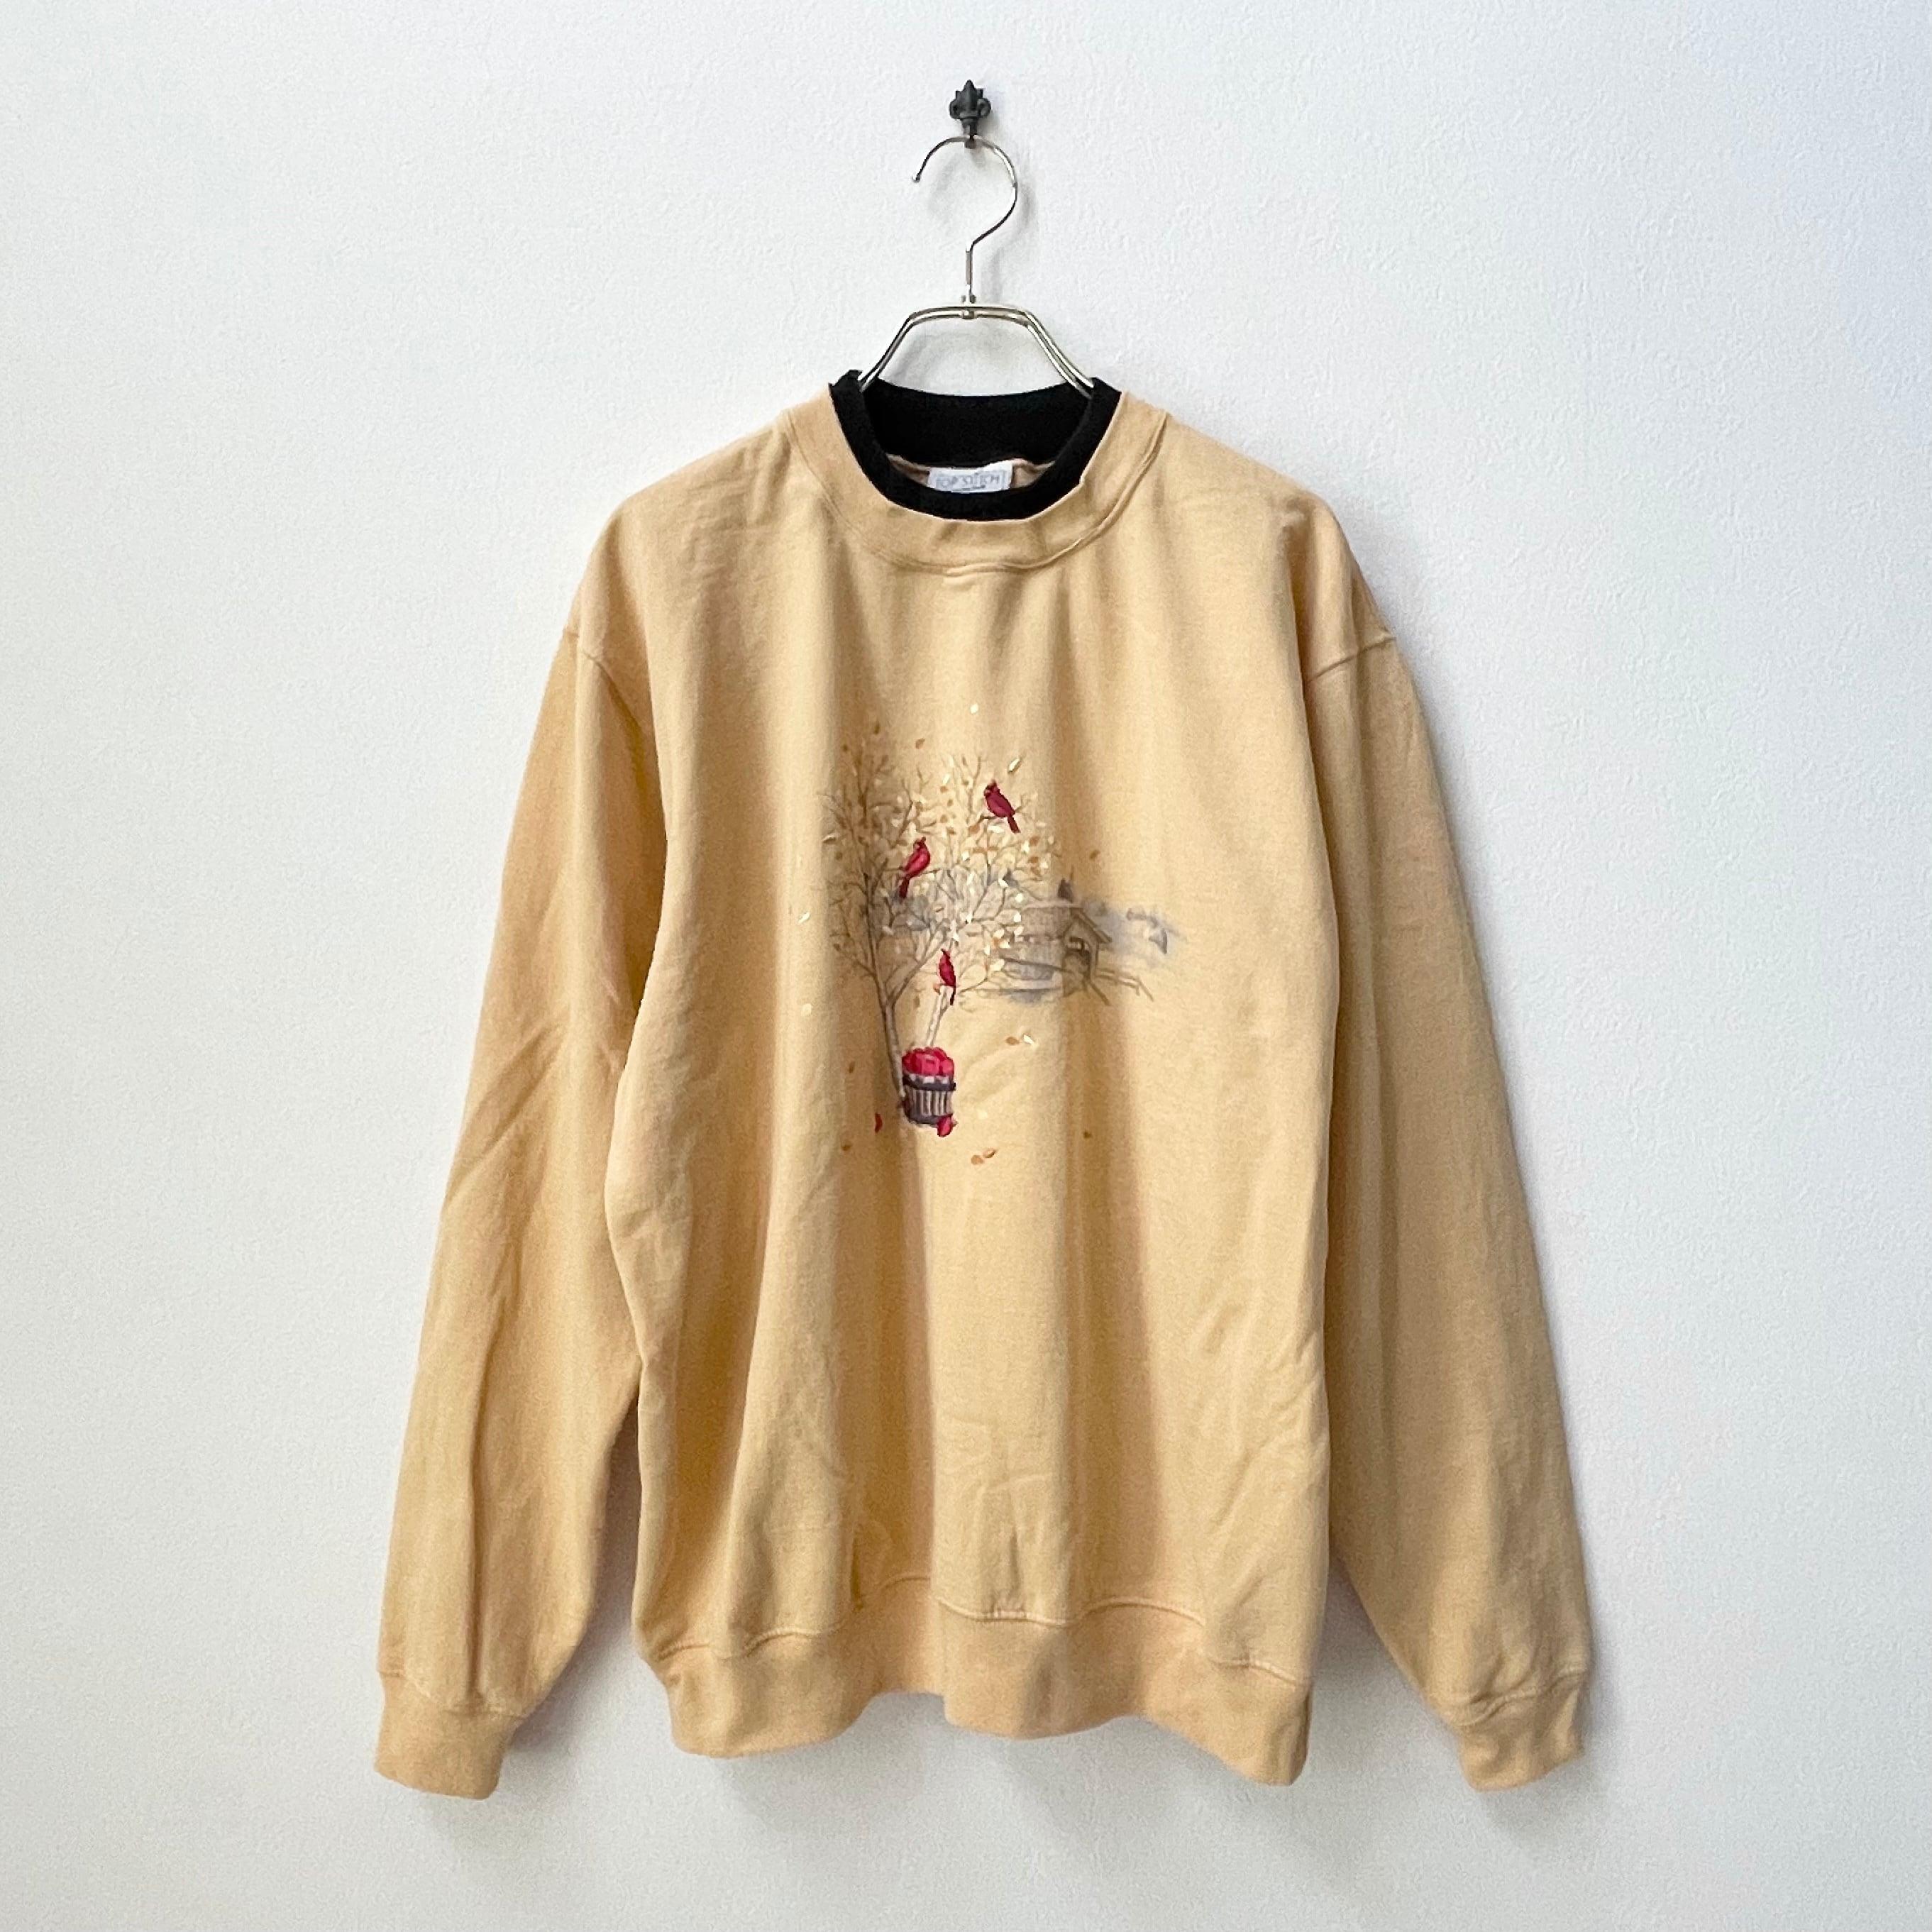 90年代 バード 刺繍 ハイネック スウェット アメリカ 古着 日本L